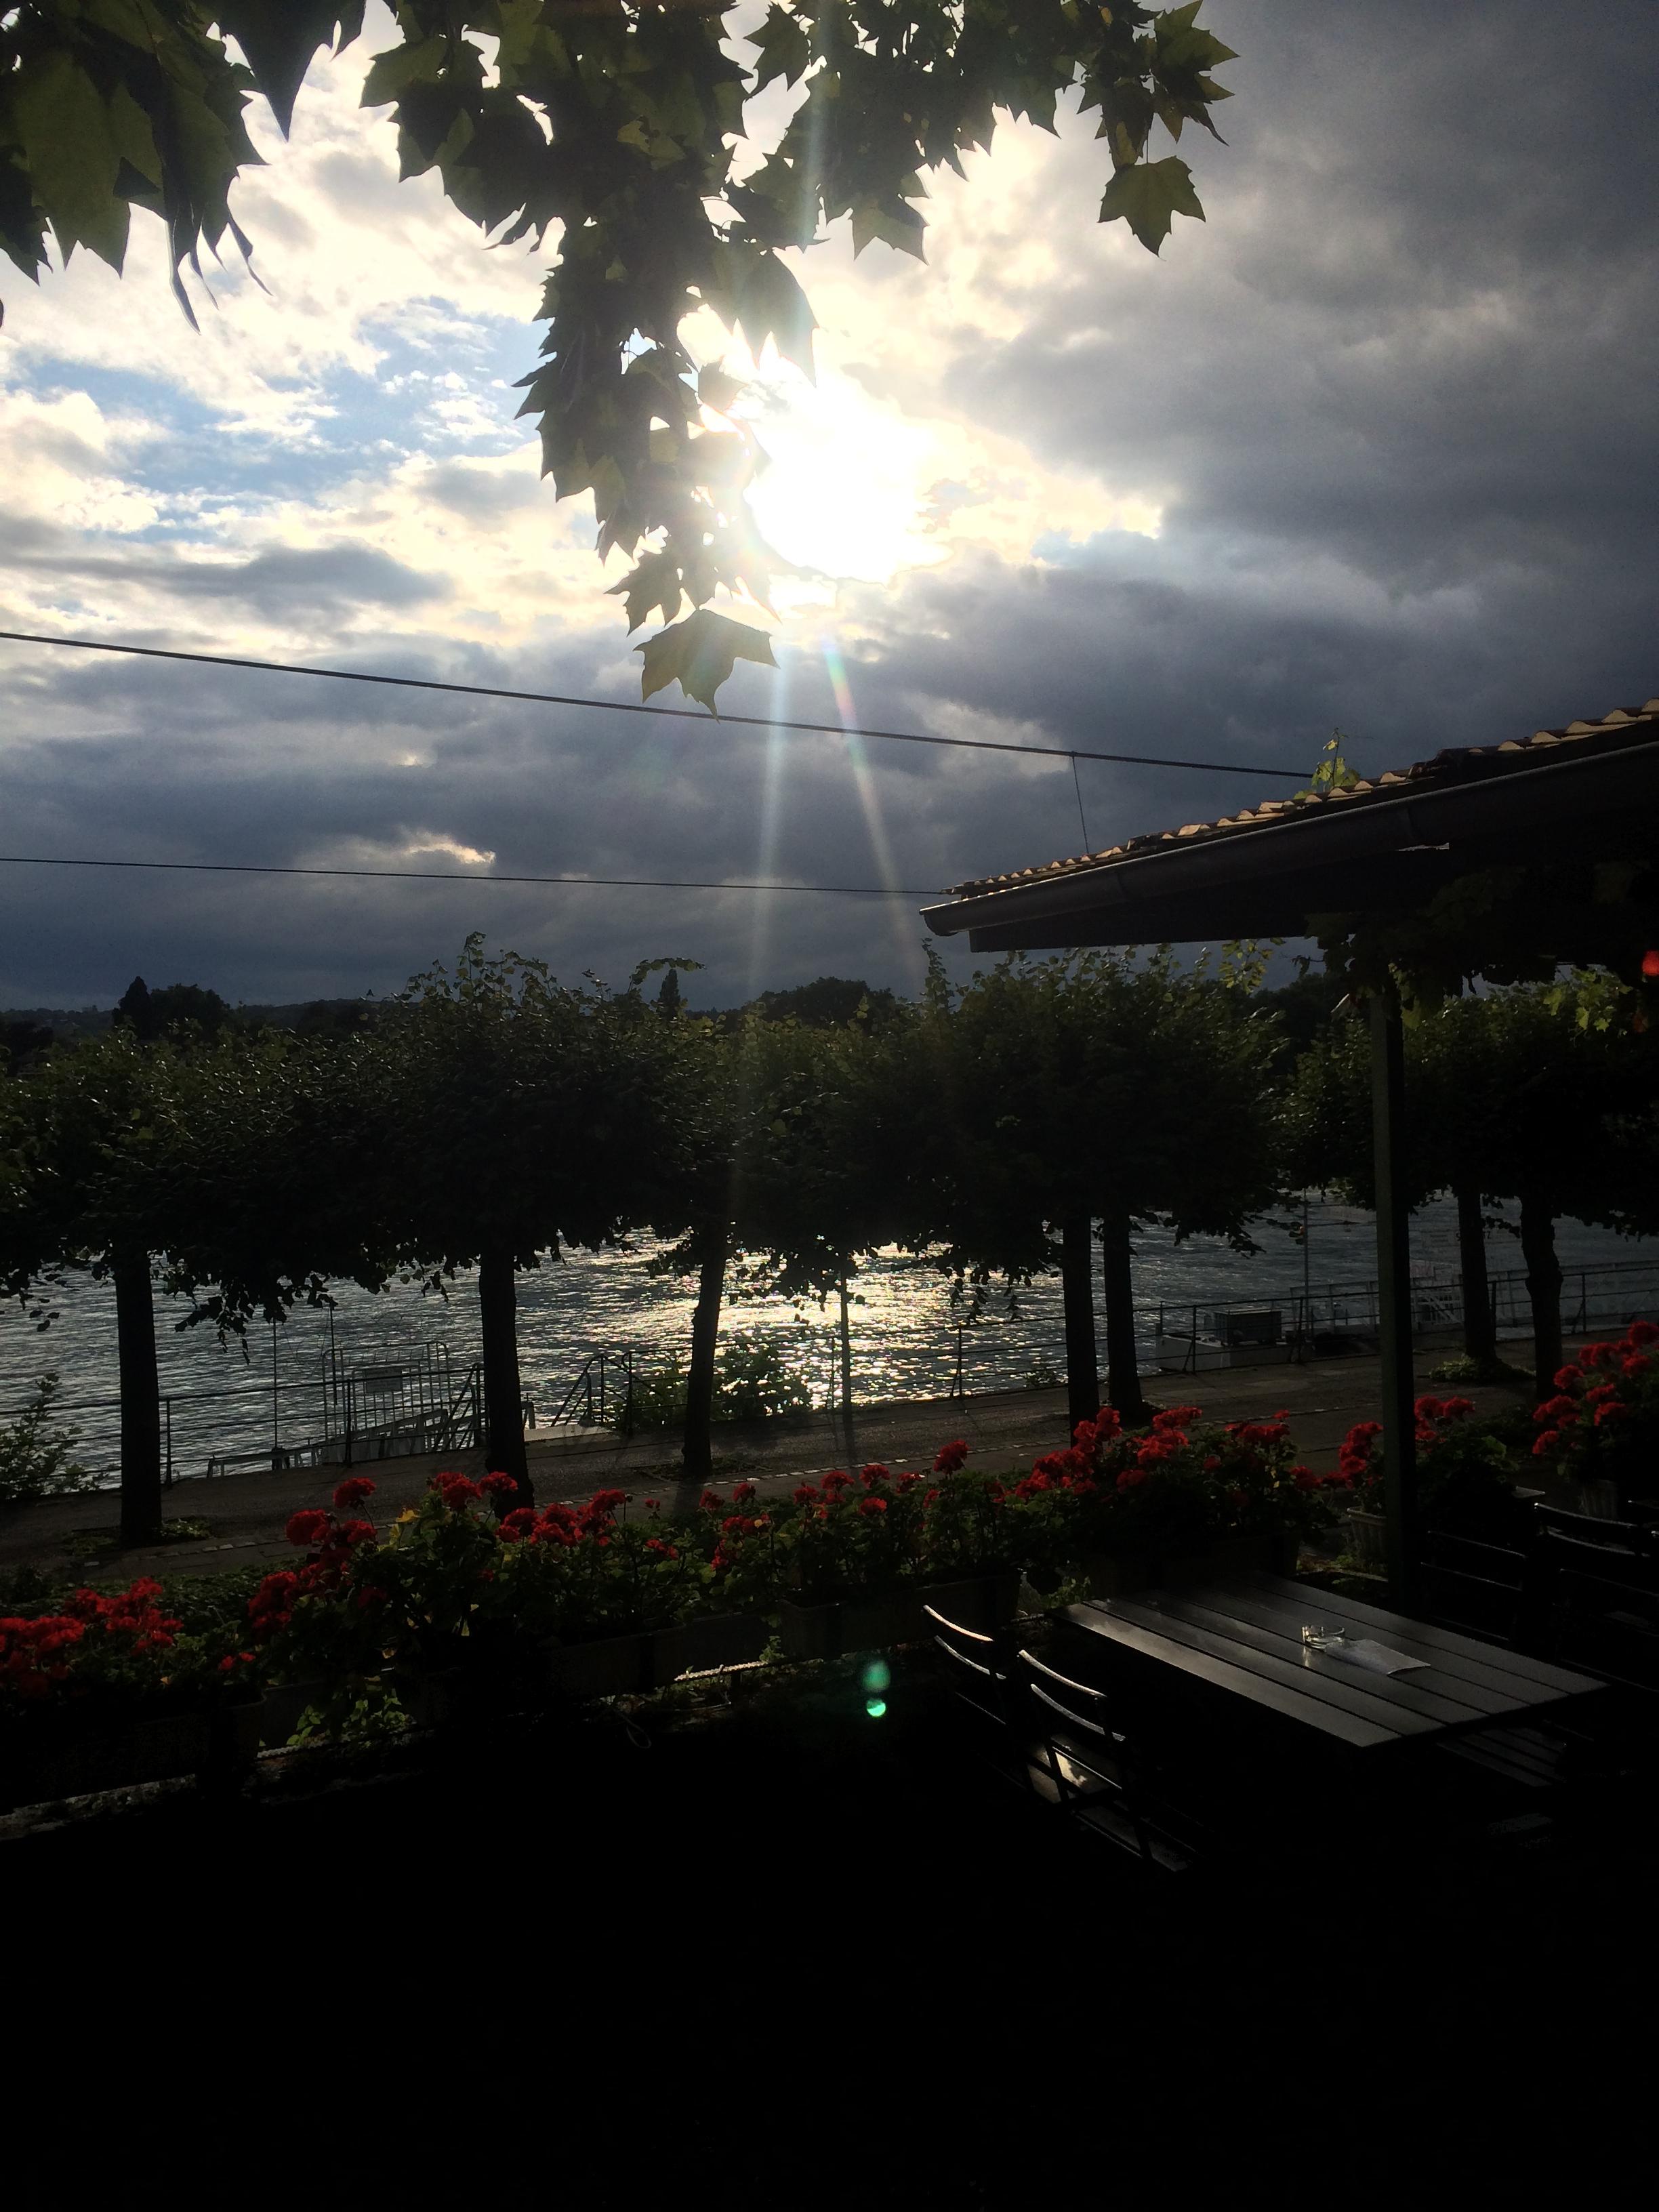 Durchbruch der Sonne durch die Wolken